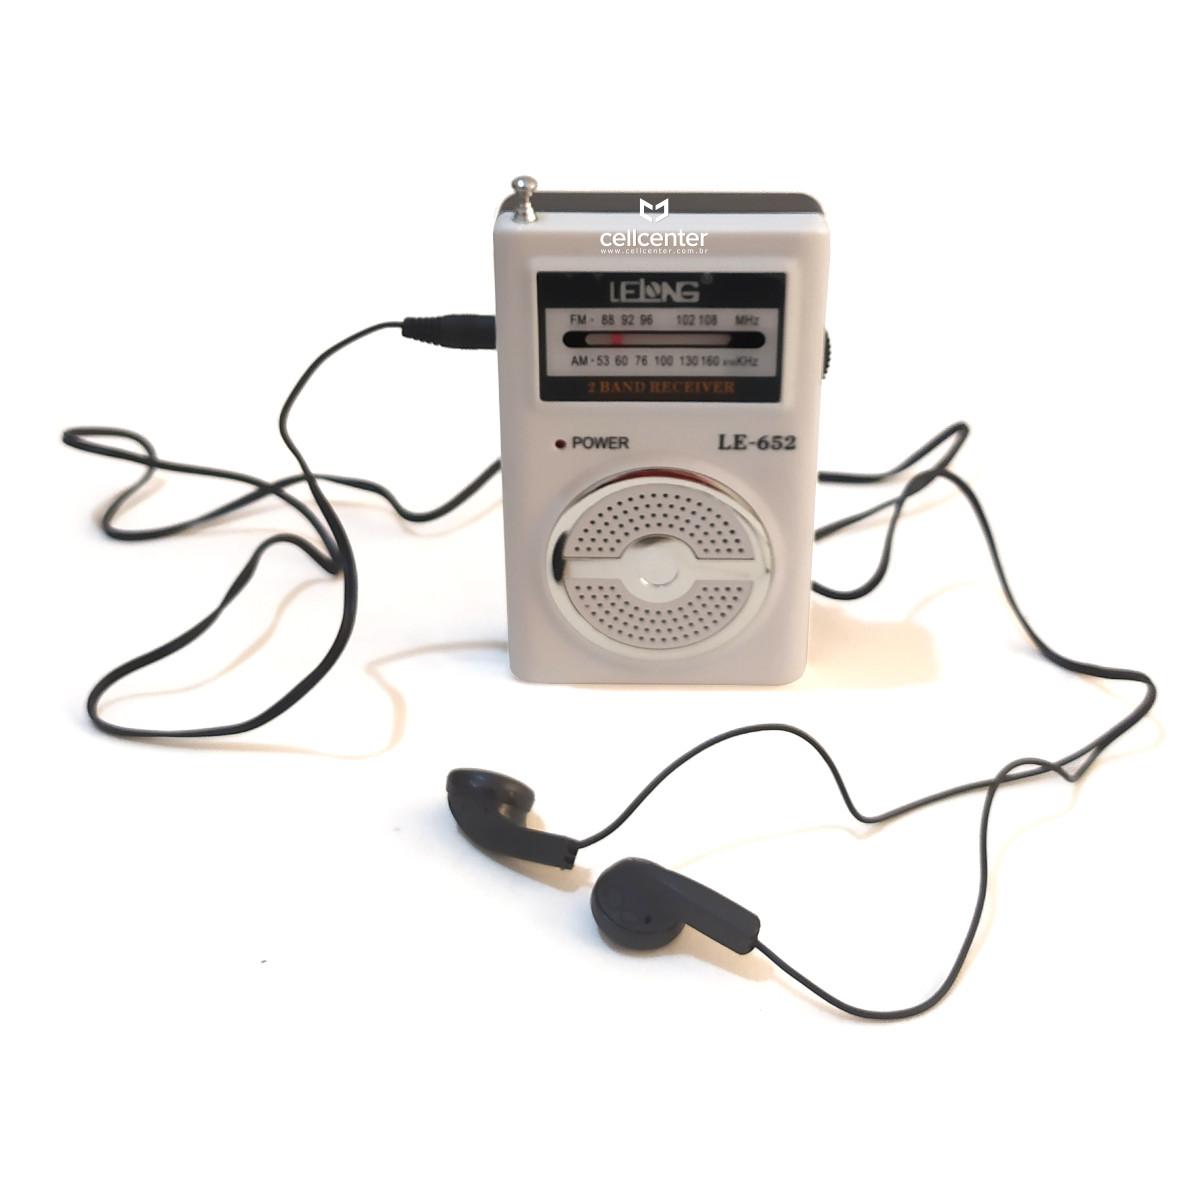 Mini Rádio de Bolso AM/FM 2 Pilhas Lelong LE-652